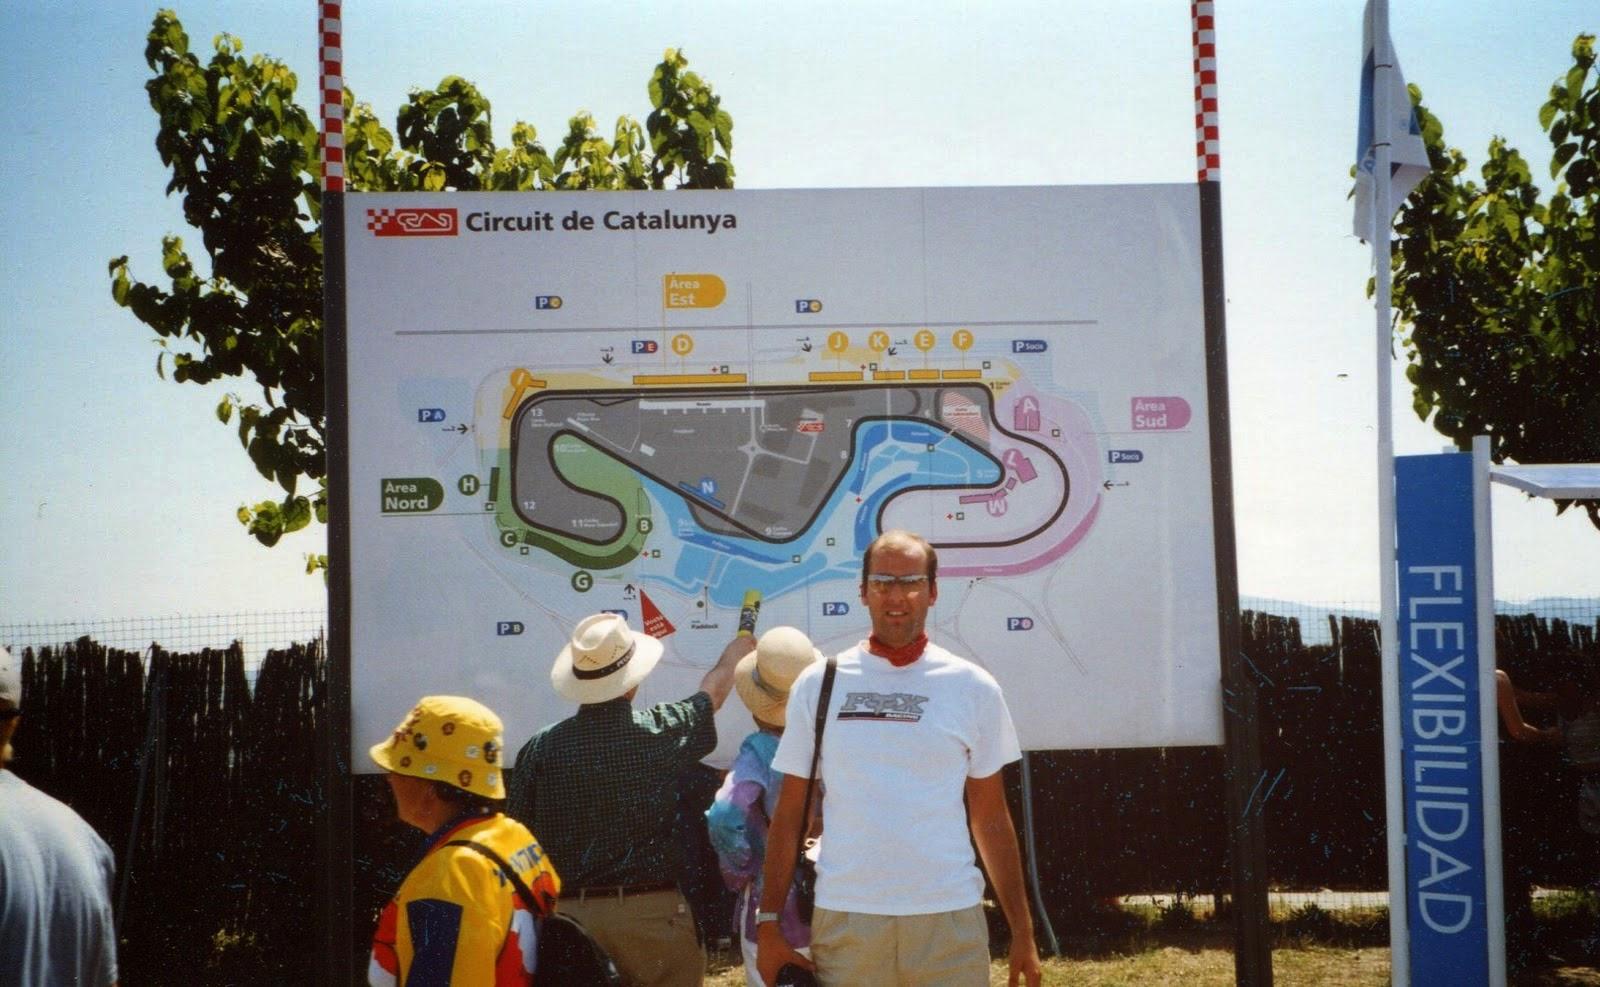 Circuito de Montmelo Catalunya